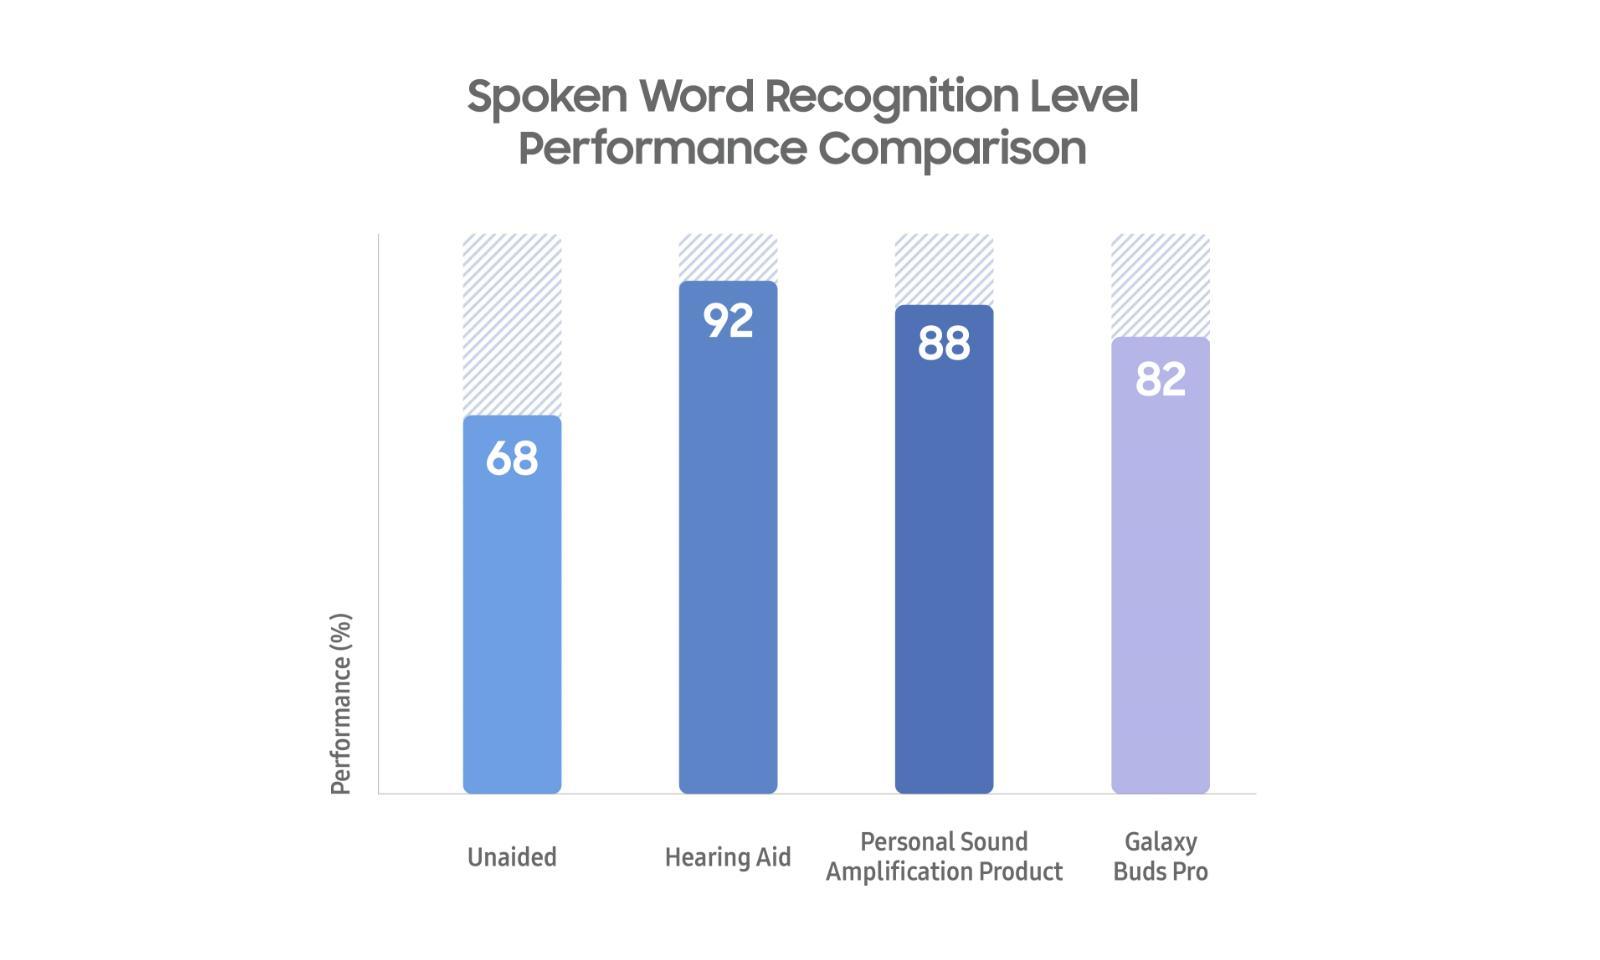 Performanța recunoașterii vorbirii